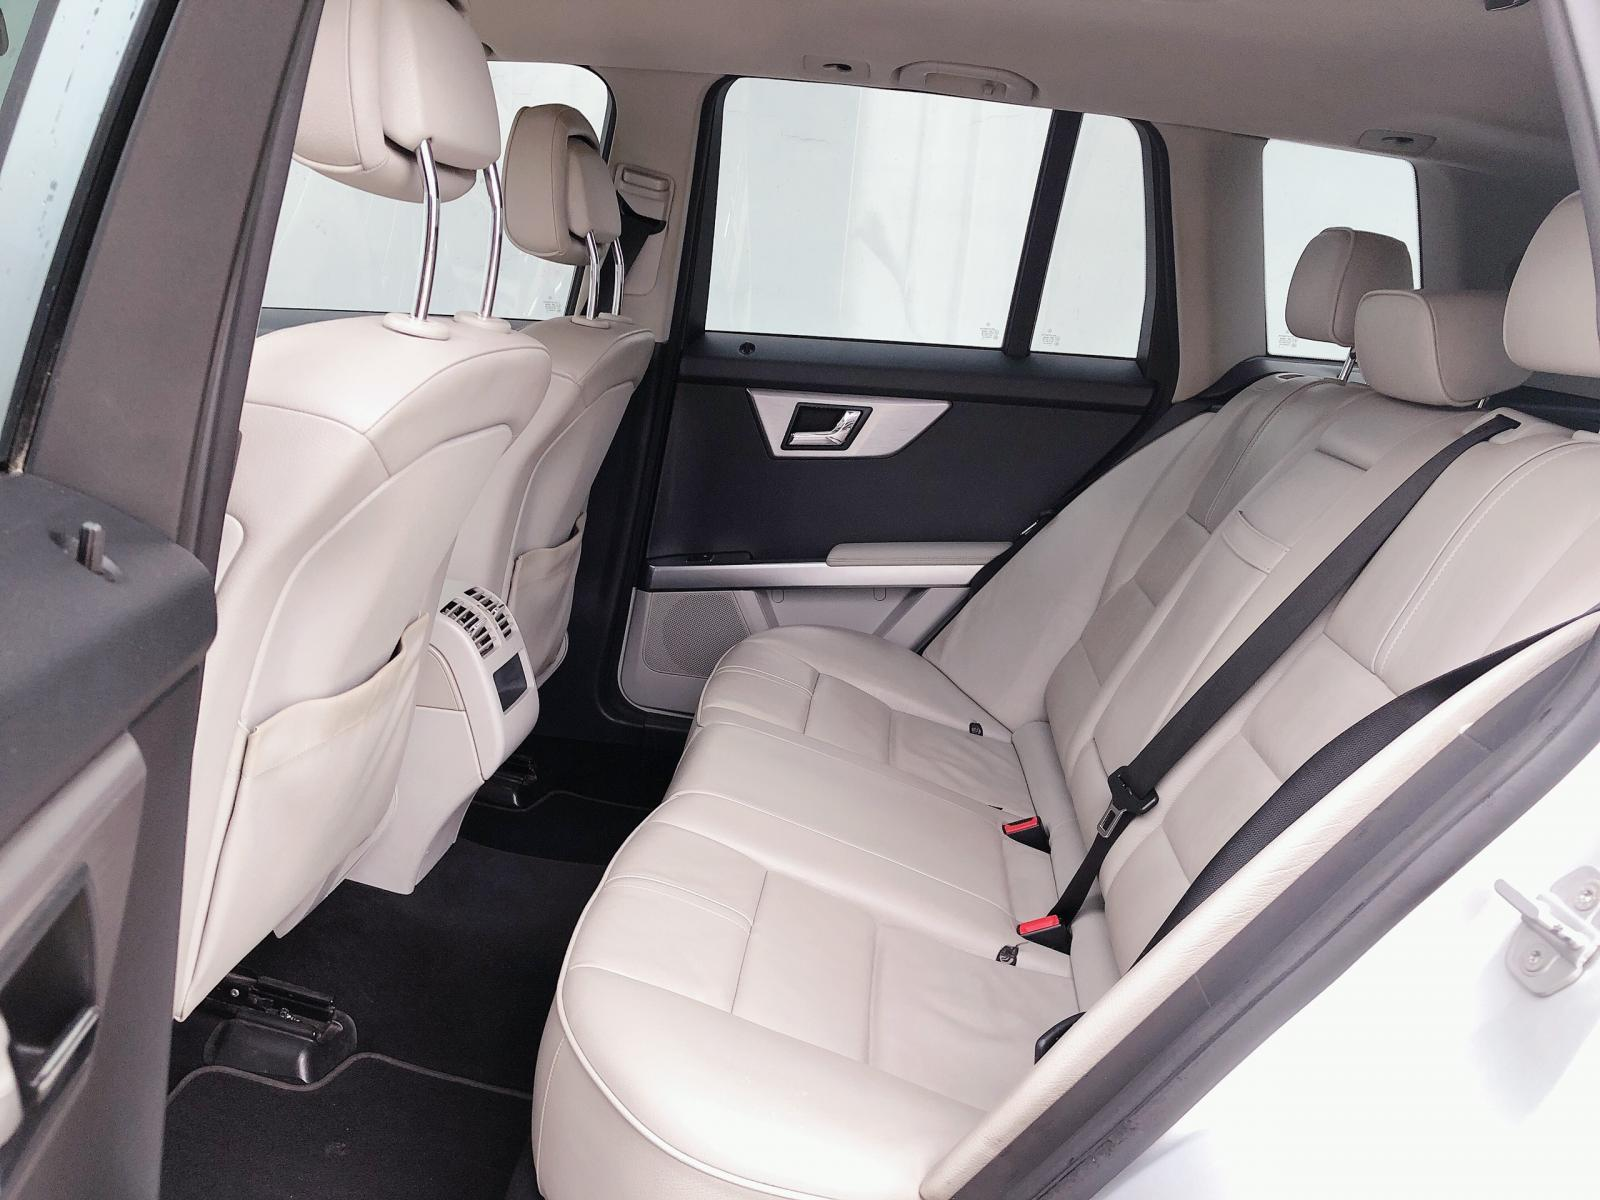 Cần bán lại xe Mercedes GLK 300 đời 2010, màu bạc, số tự động, 575 triệu